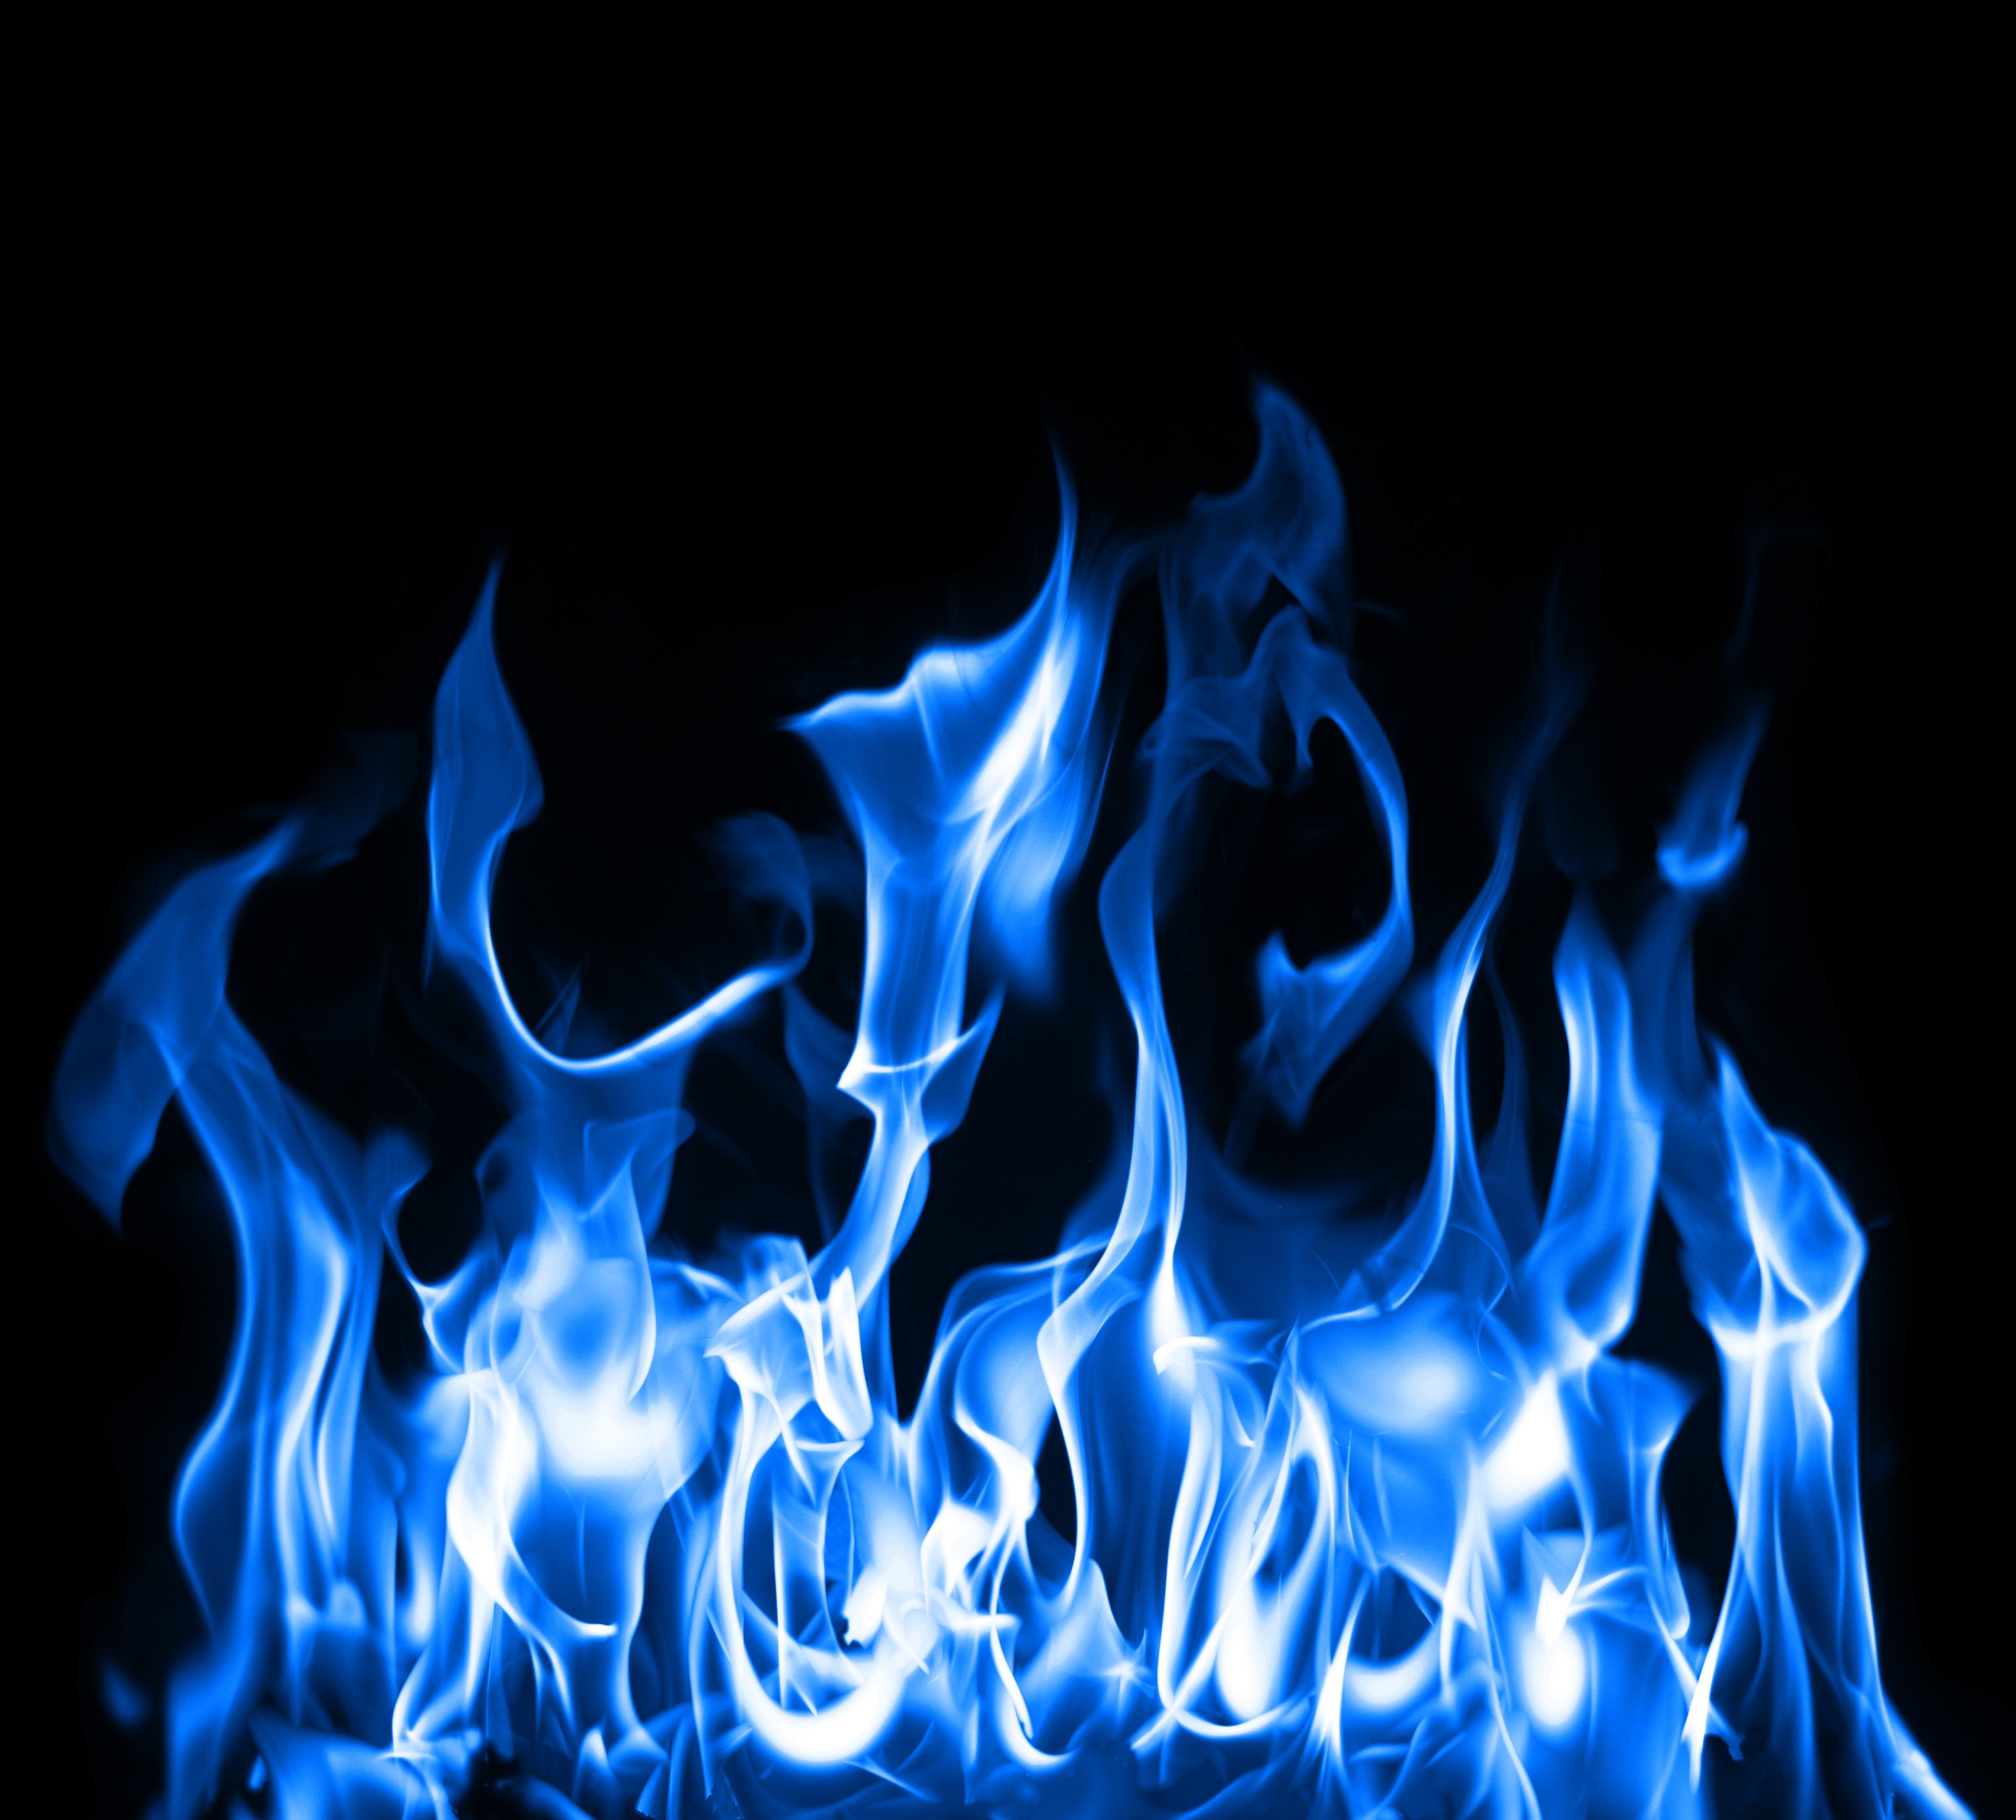 Blue Flame Art Id 54801